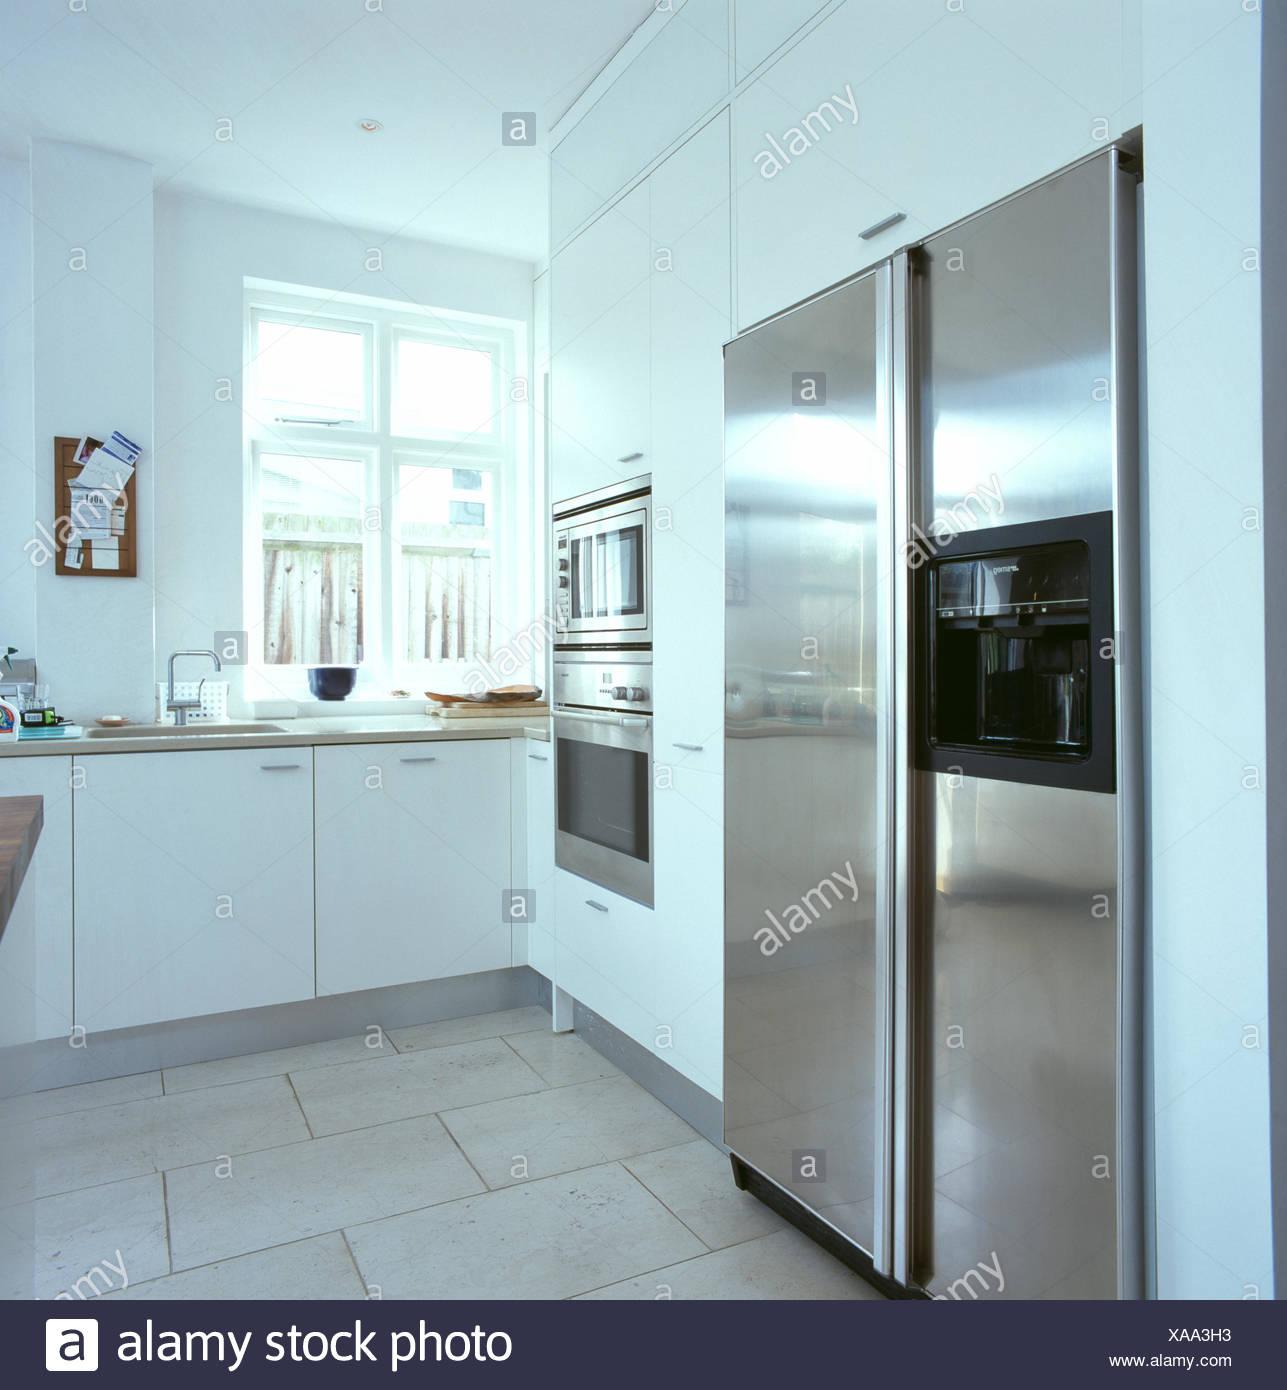 Großer Amerikanischer Prägung Edelstahl Kühlschrank In Modernen Weißen Küche  Mit Kalkstein Bodenbelag